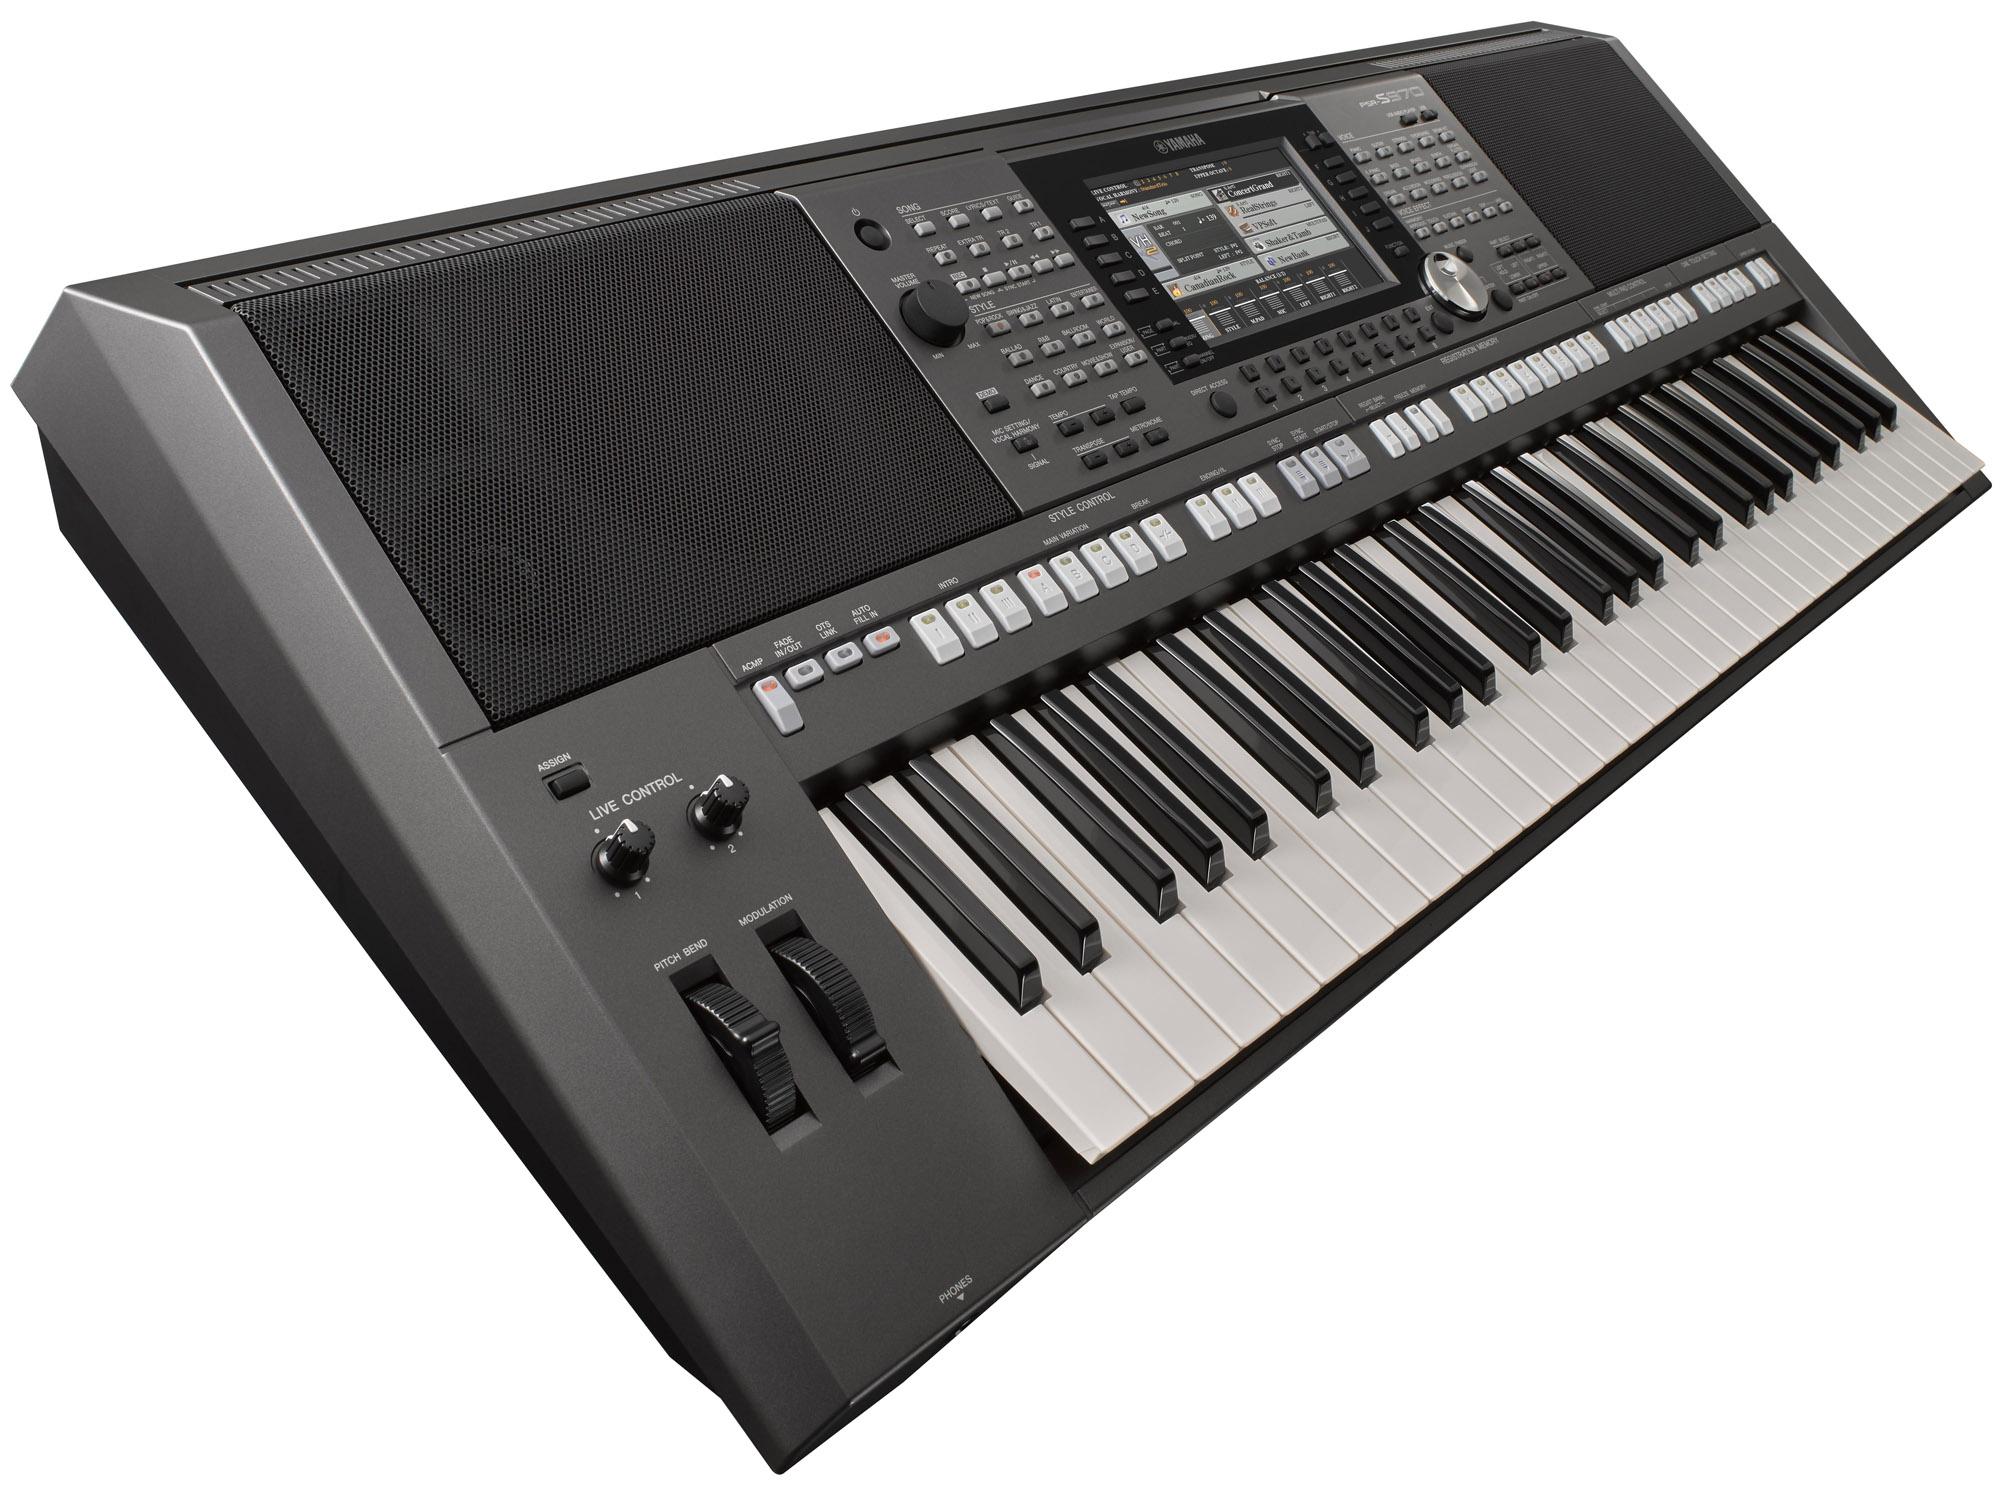 Yamaha PSR-S970 Arranger Workstation Keyboard | Yamaha ...